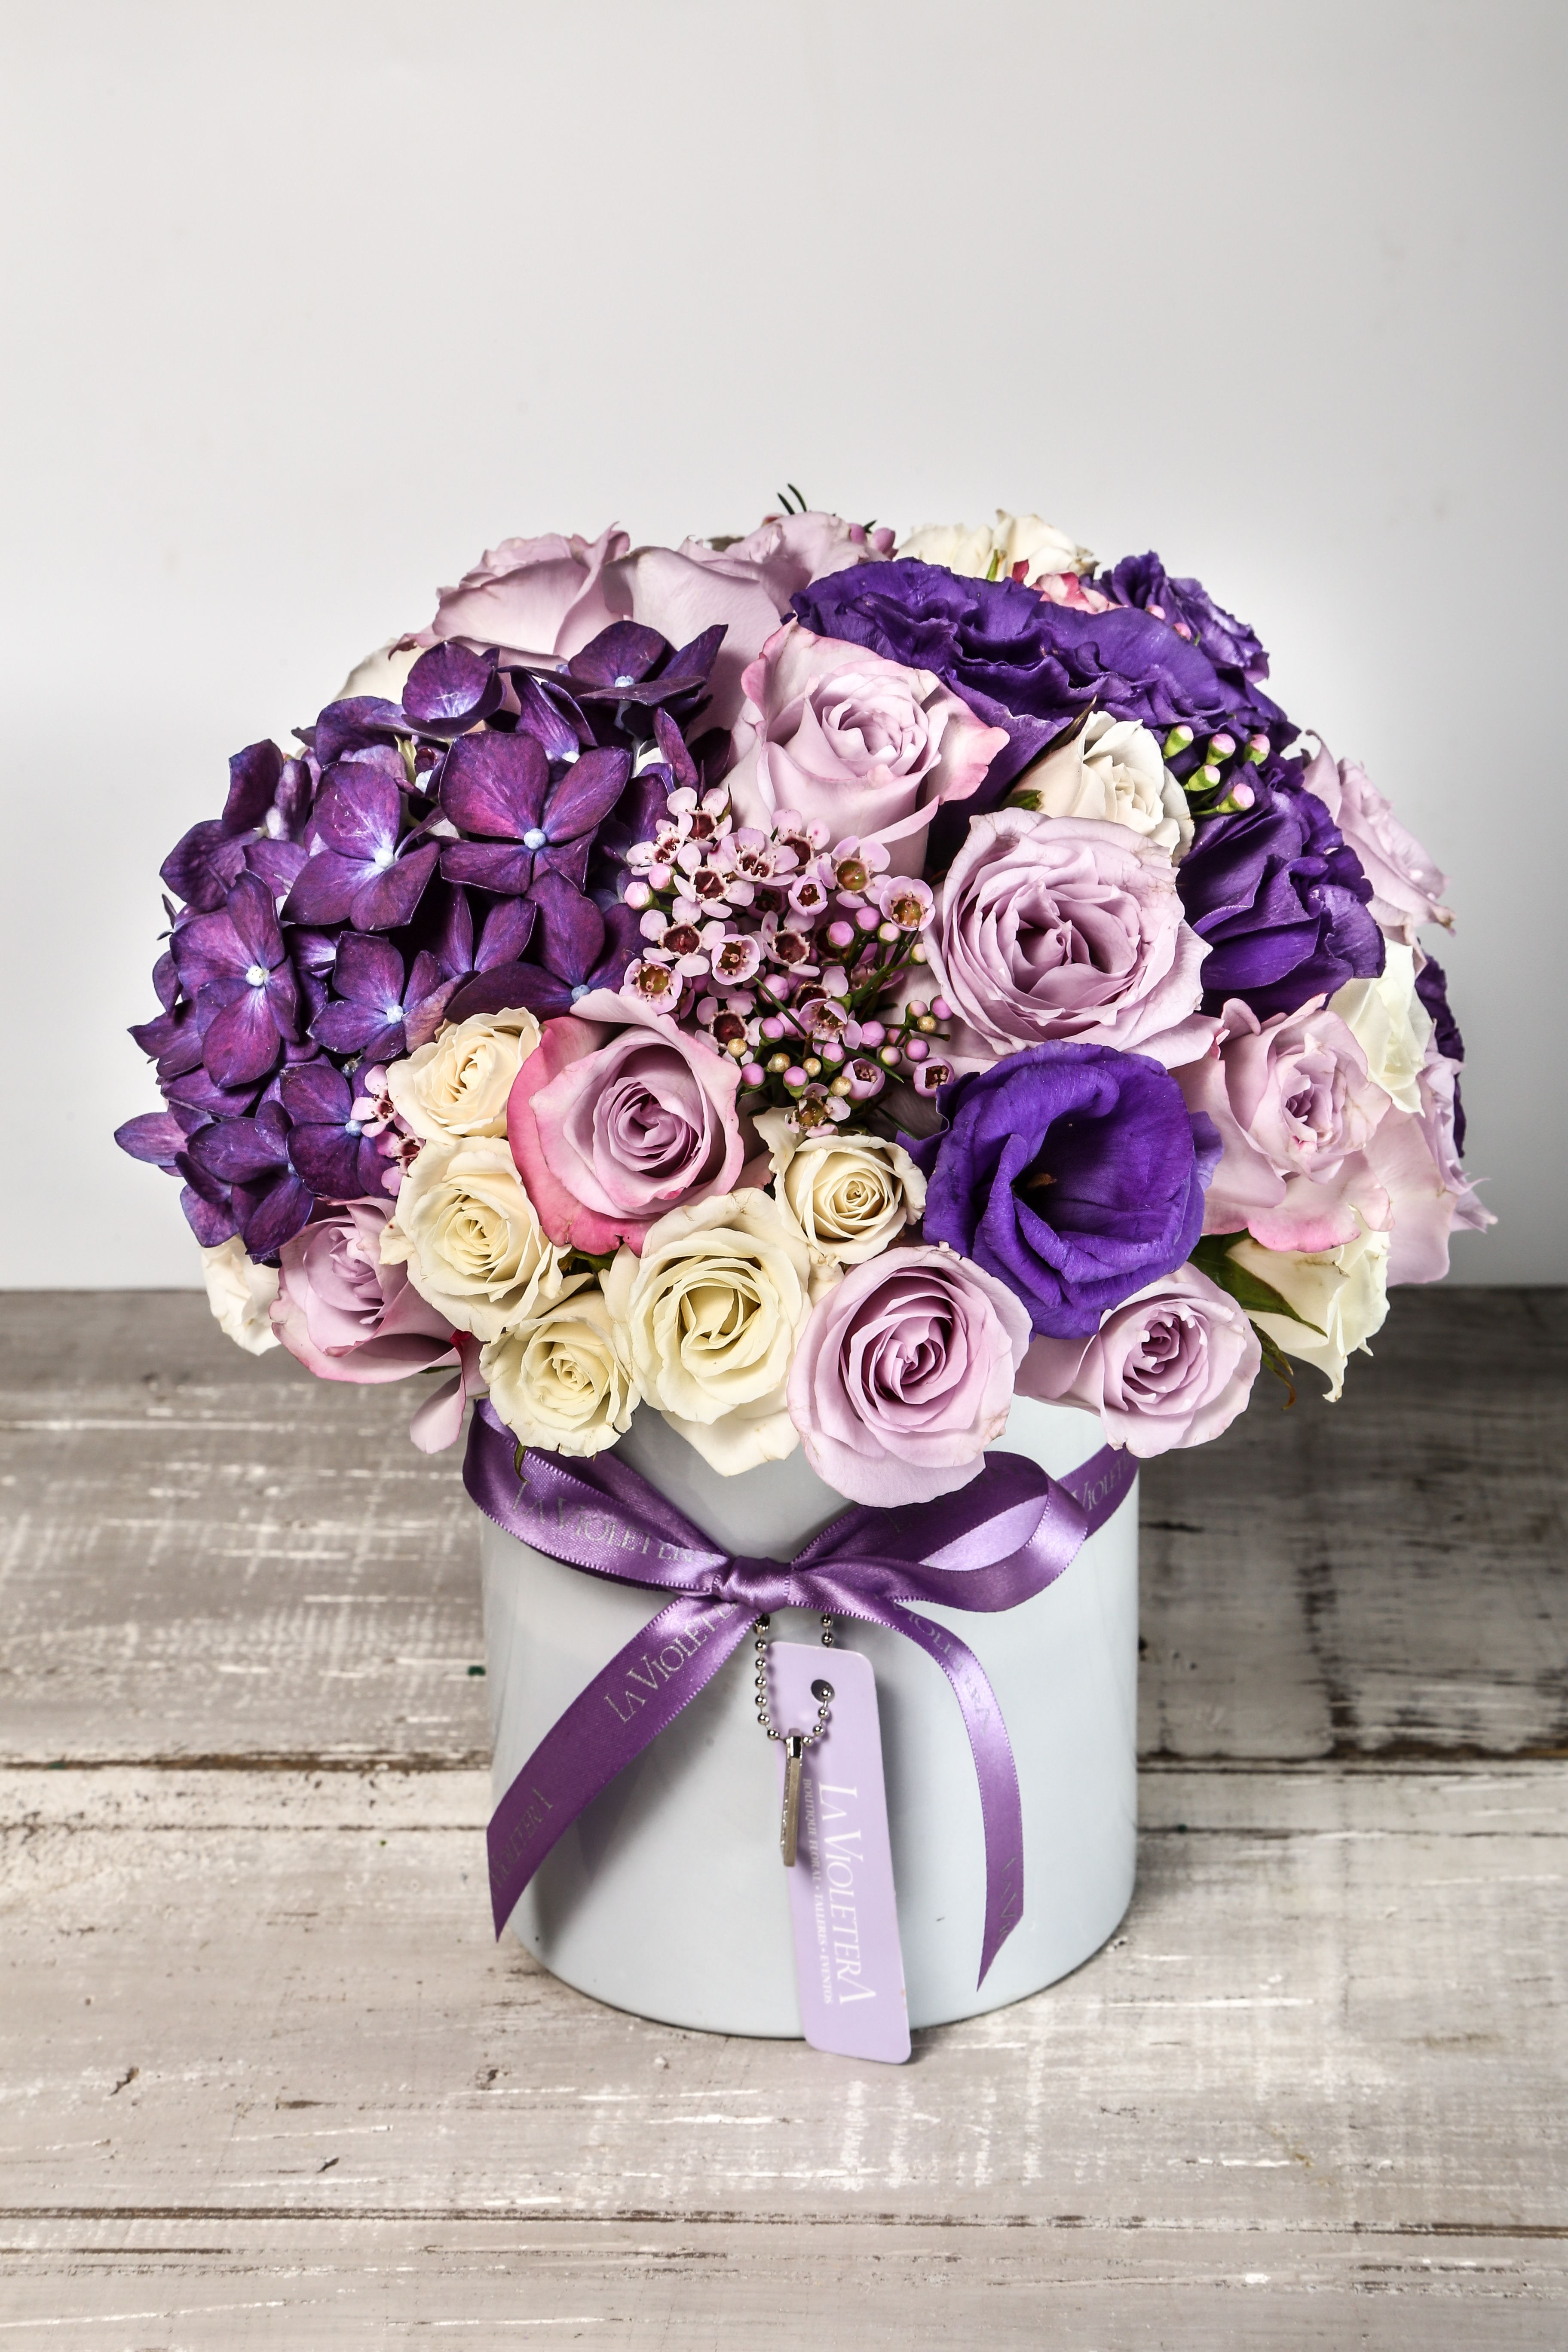 arreglos floral con hortensias rosas y minirosas especial para enamorar